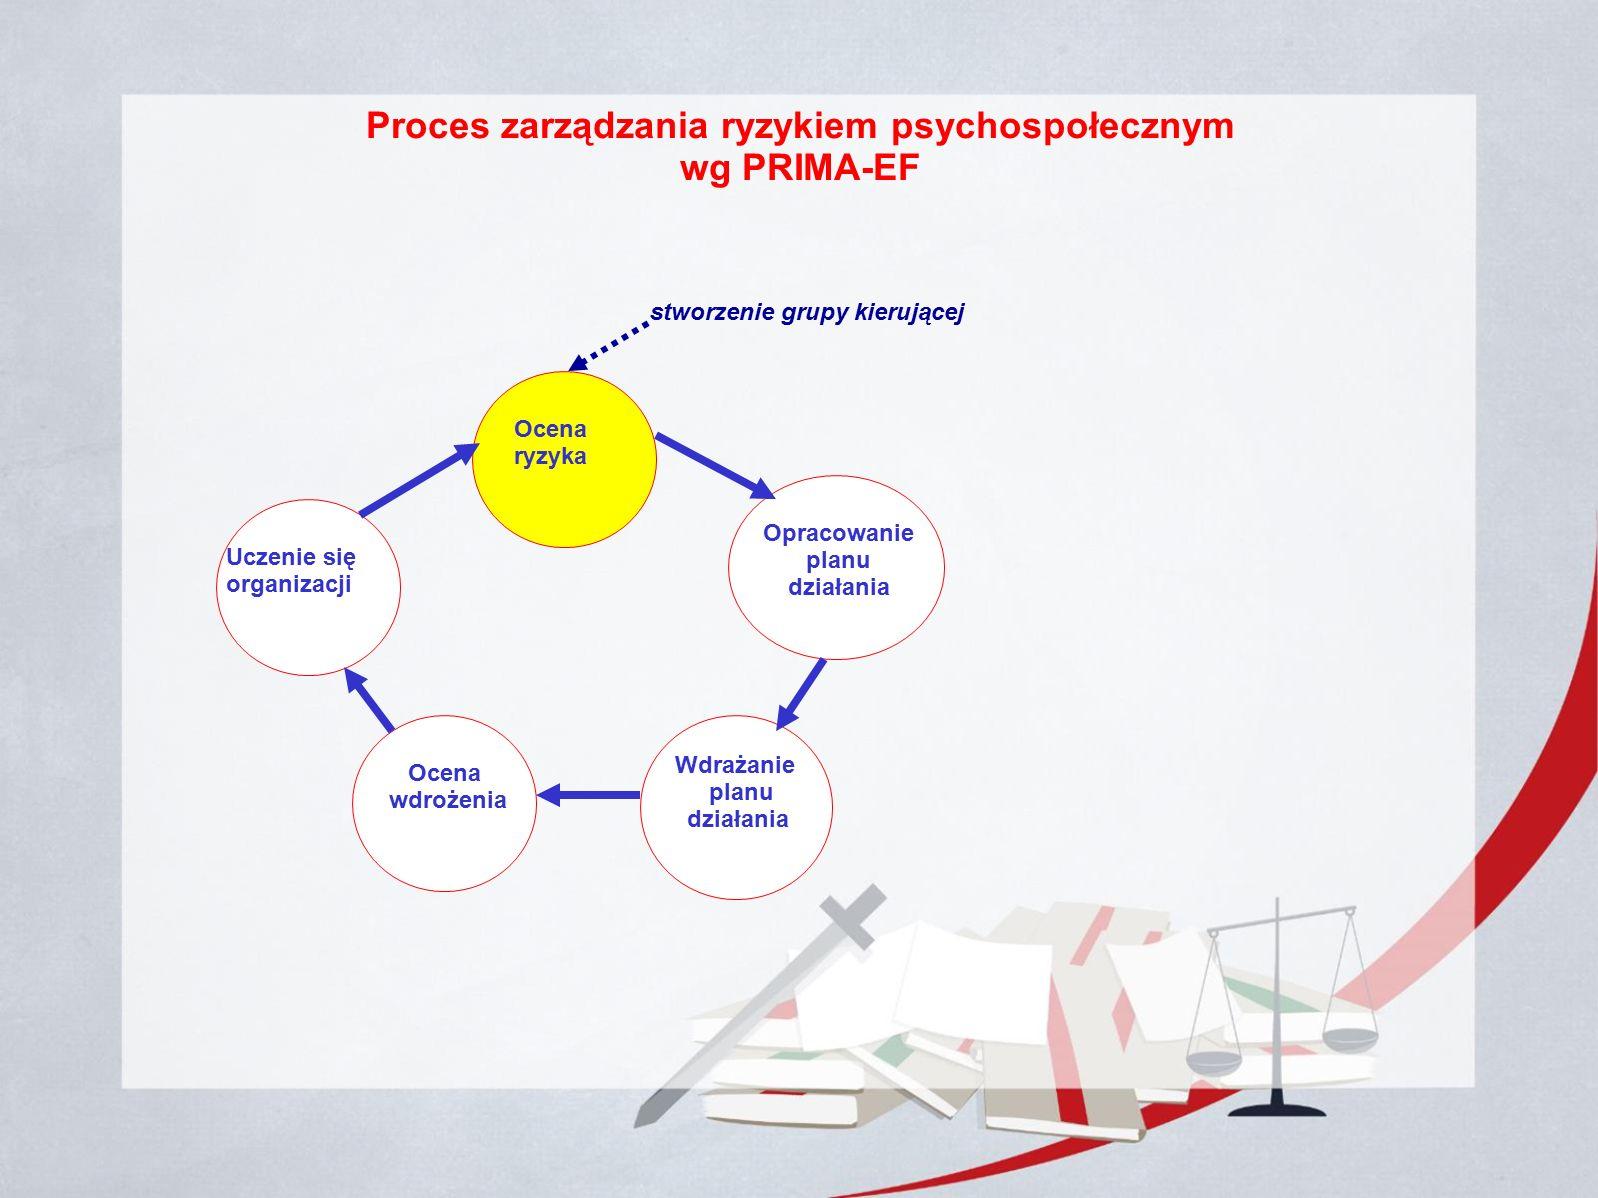 Proces zarządzania ryzykiem psychospołecznym wg PRIMA-EF Ocena ryzyka Opracowanie planu działania Opracowanie planu działania Wdrażanie planu działania Ocena wdrożenia Uczenie się organizacji stworzenie grupy kierującej